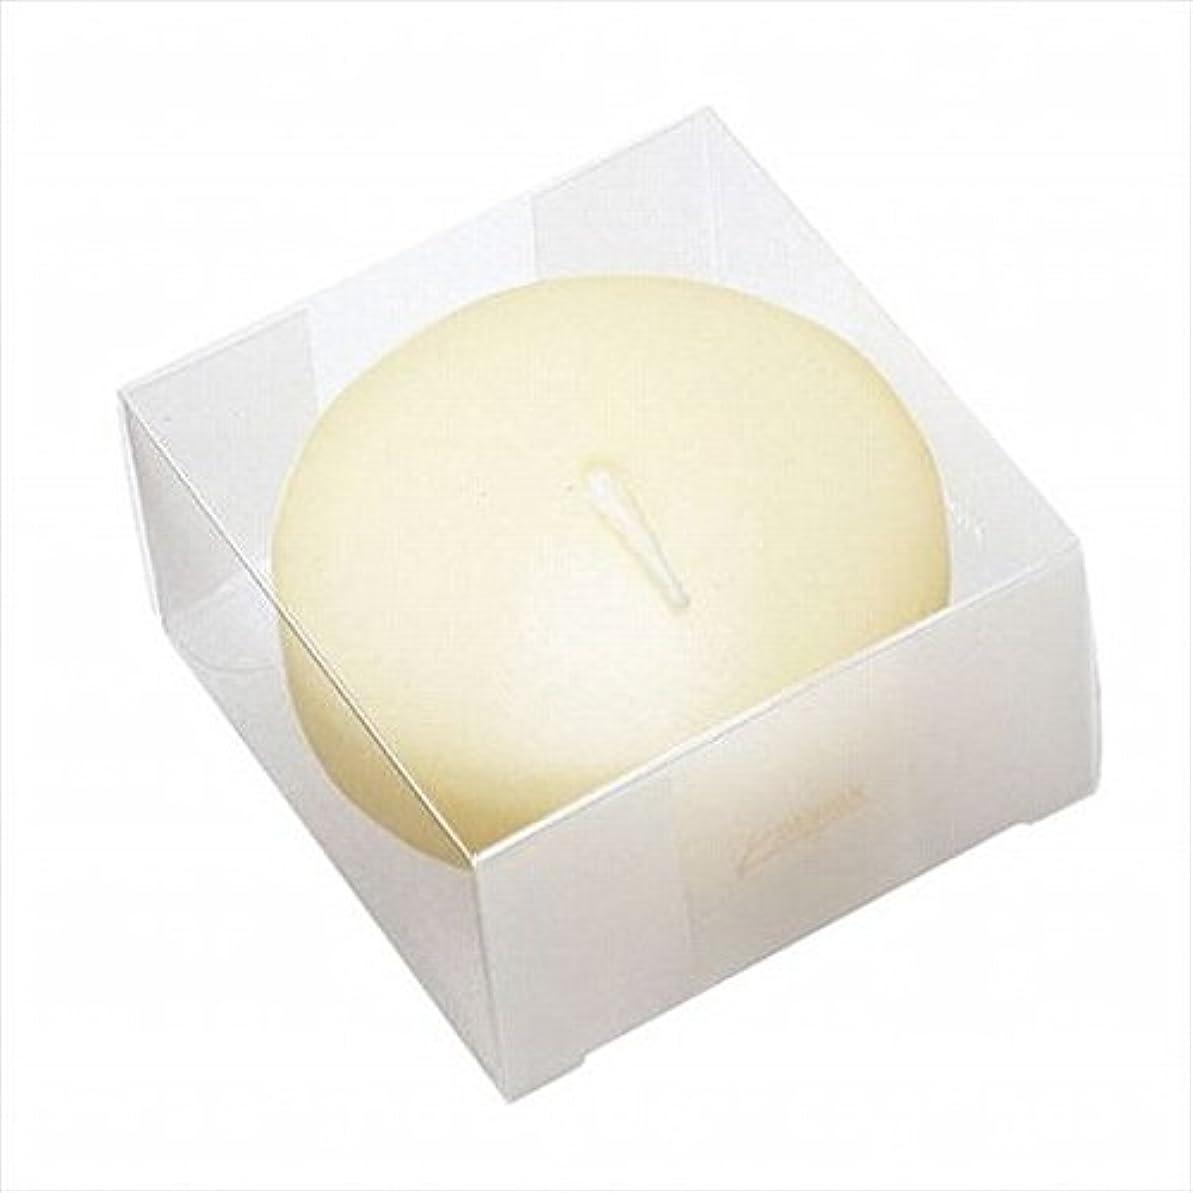 ベテラントークスクランブルkameyama candle(カメヤマキャンドル) プール80(箱入り) 「 アイボリー 」 キャンドル 80x80x45mm (A7069050)